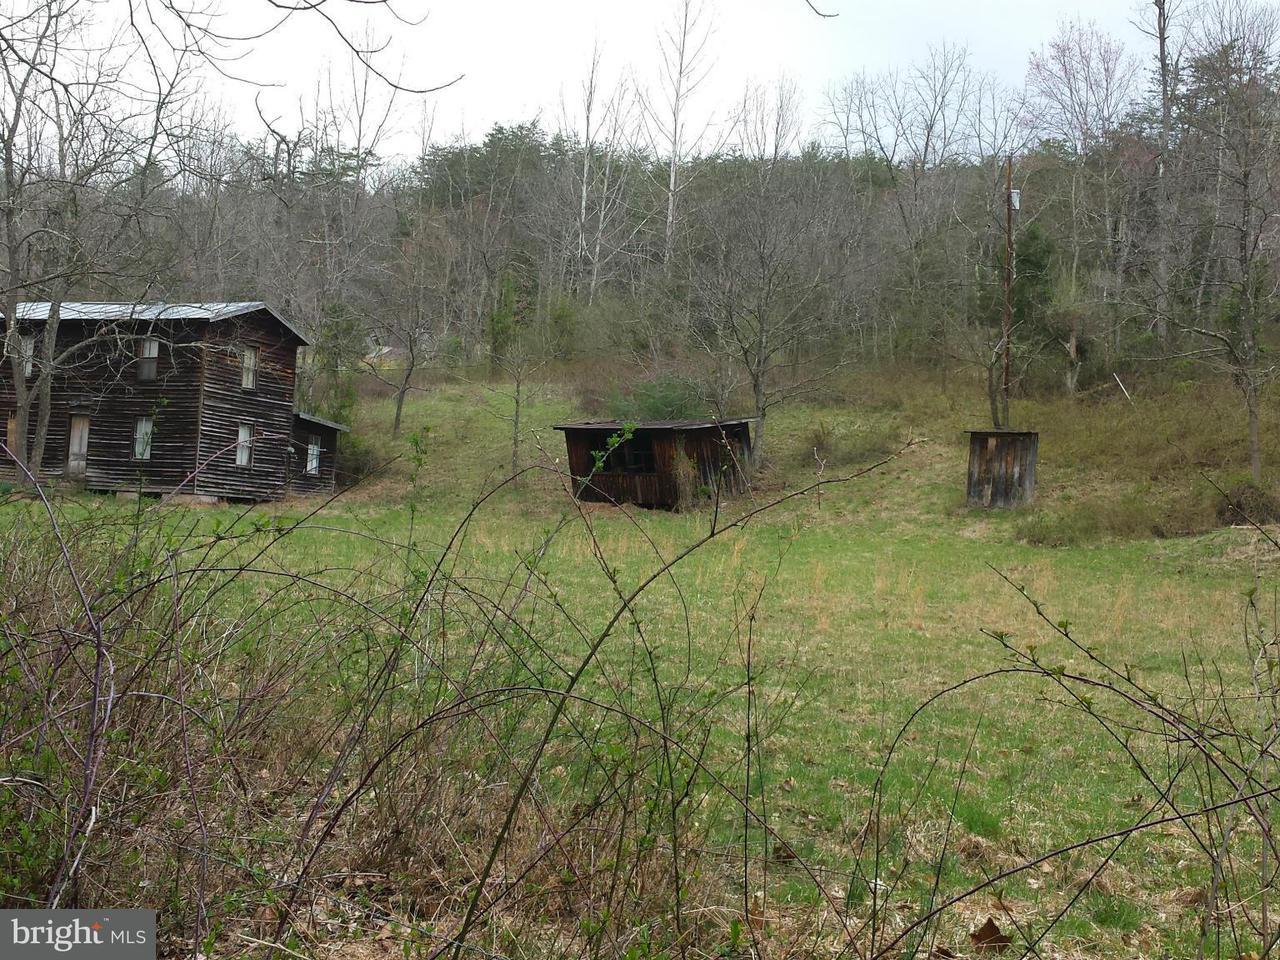 Land for Sale at 918 Tussing Lane 918 Tussing Lane Mount Jackson, Virginia 22842 United States